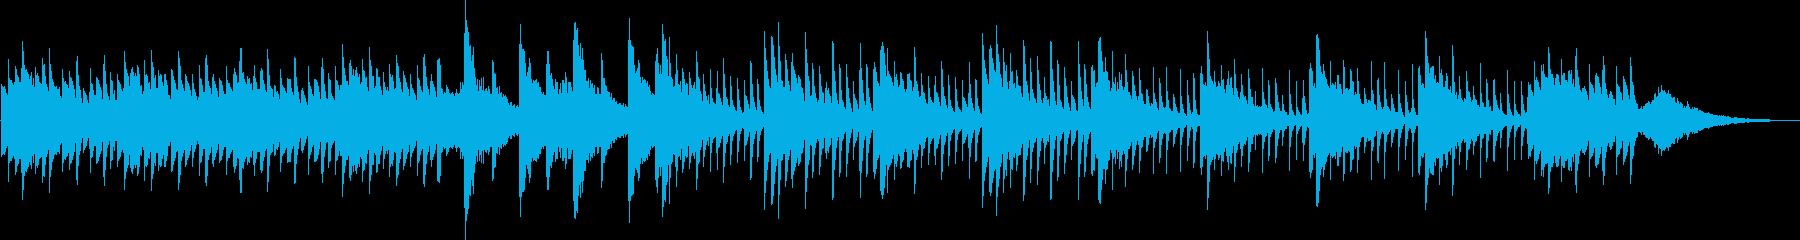 不穏なピアノのホラー曲の再生済みの波形